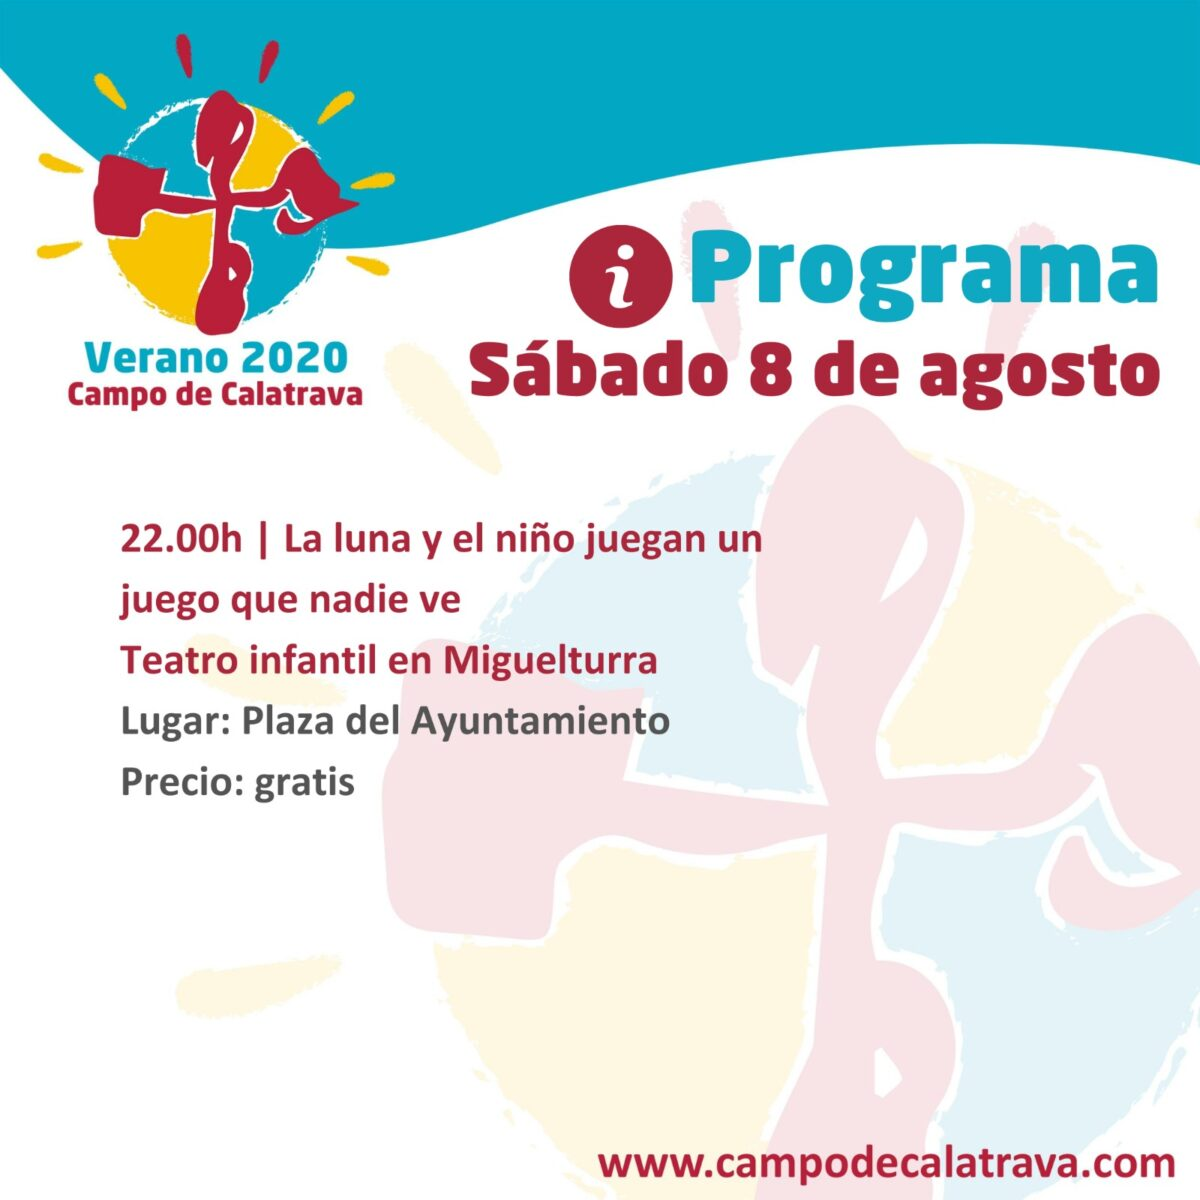 Acordes y melodías de grupos y cantautores locales, protagonistas de los rincones musicales en Verano Calatrava 2020 3